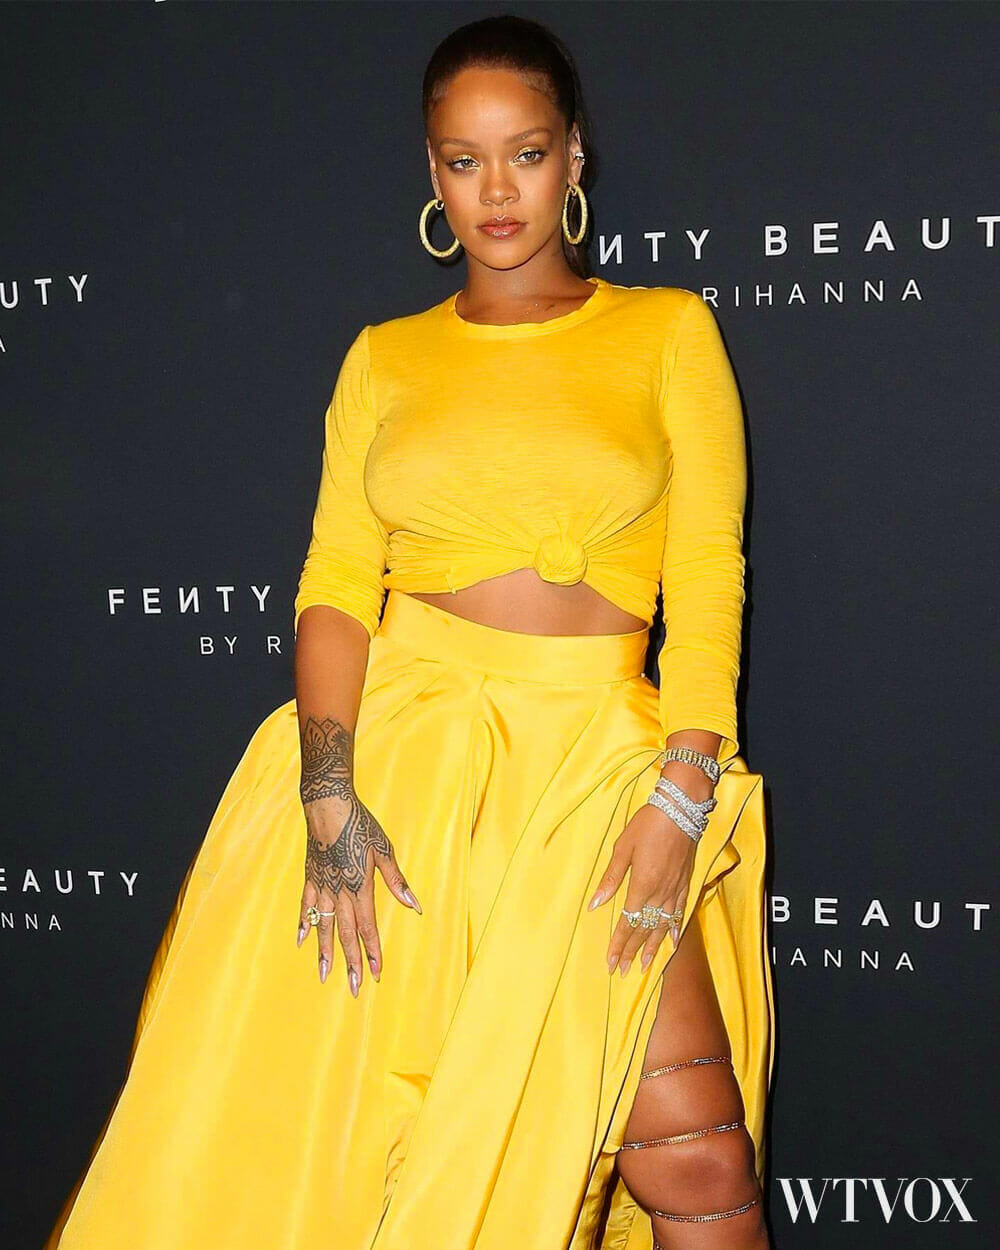 Rihanna in Fenty Beauty openning